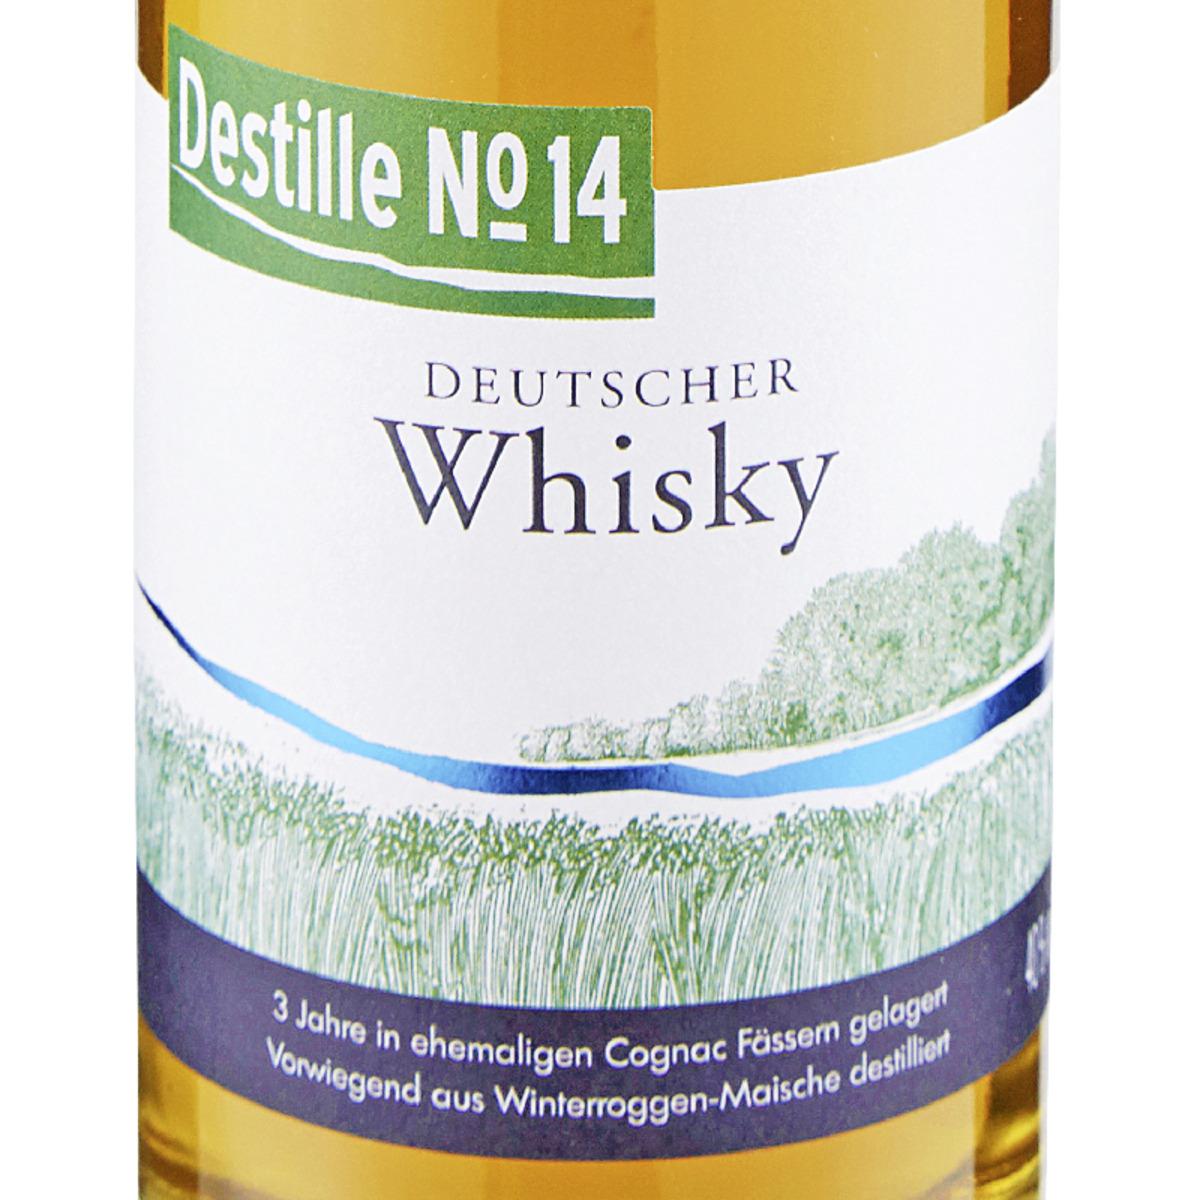 Bild 2 von Destille No. 14 - Deutscher Whisky